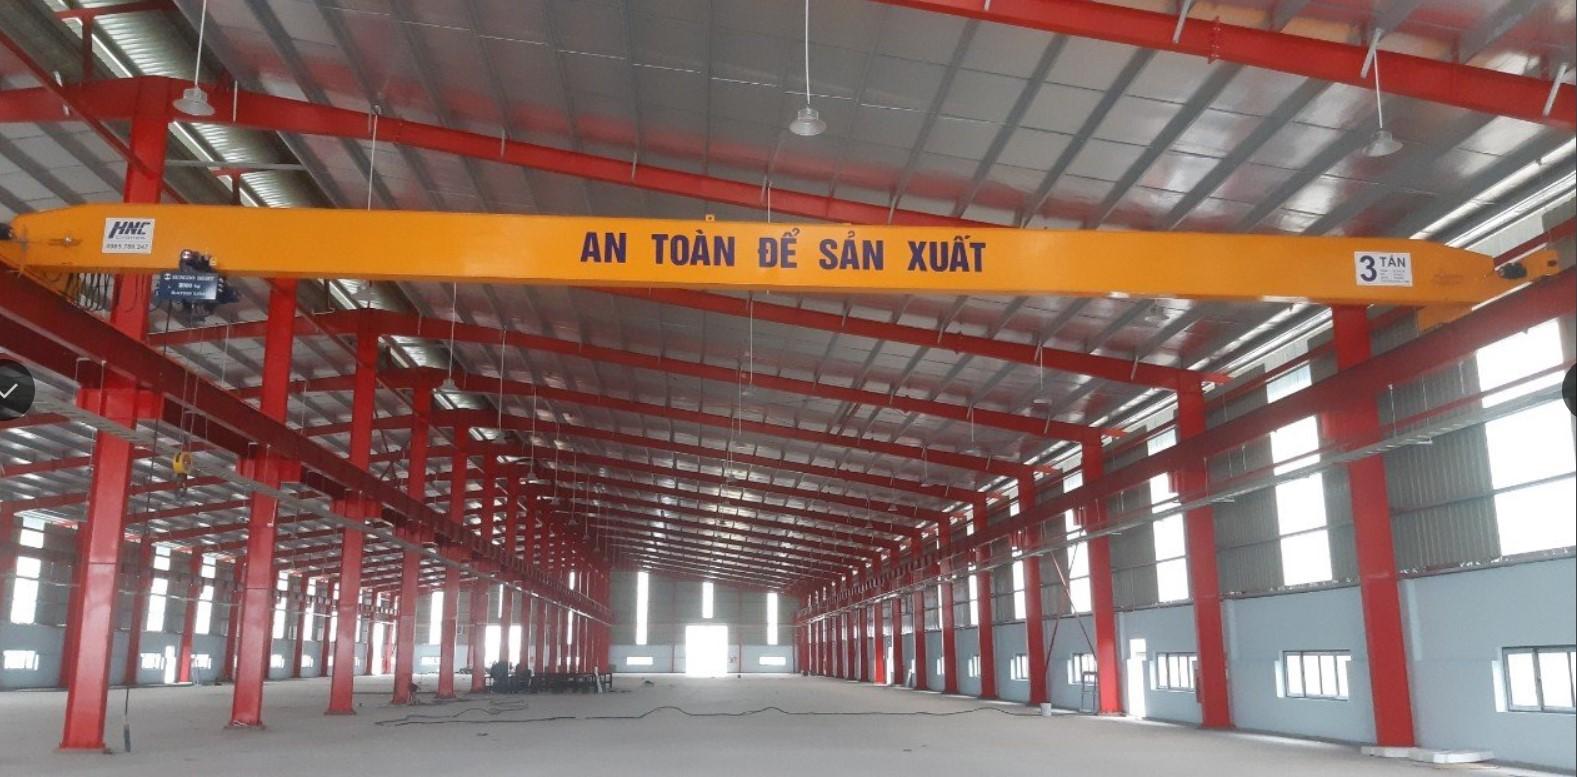 Cầu trục dầm đơn 3 tấn lắp đặt tại dự án: Đ-H-A Ninh Bình